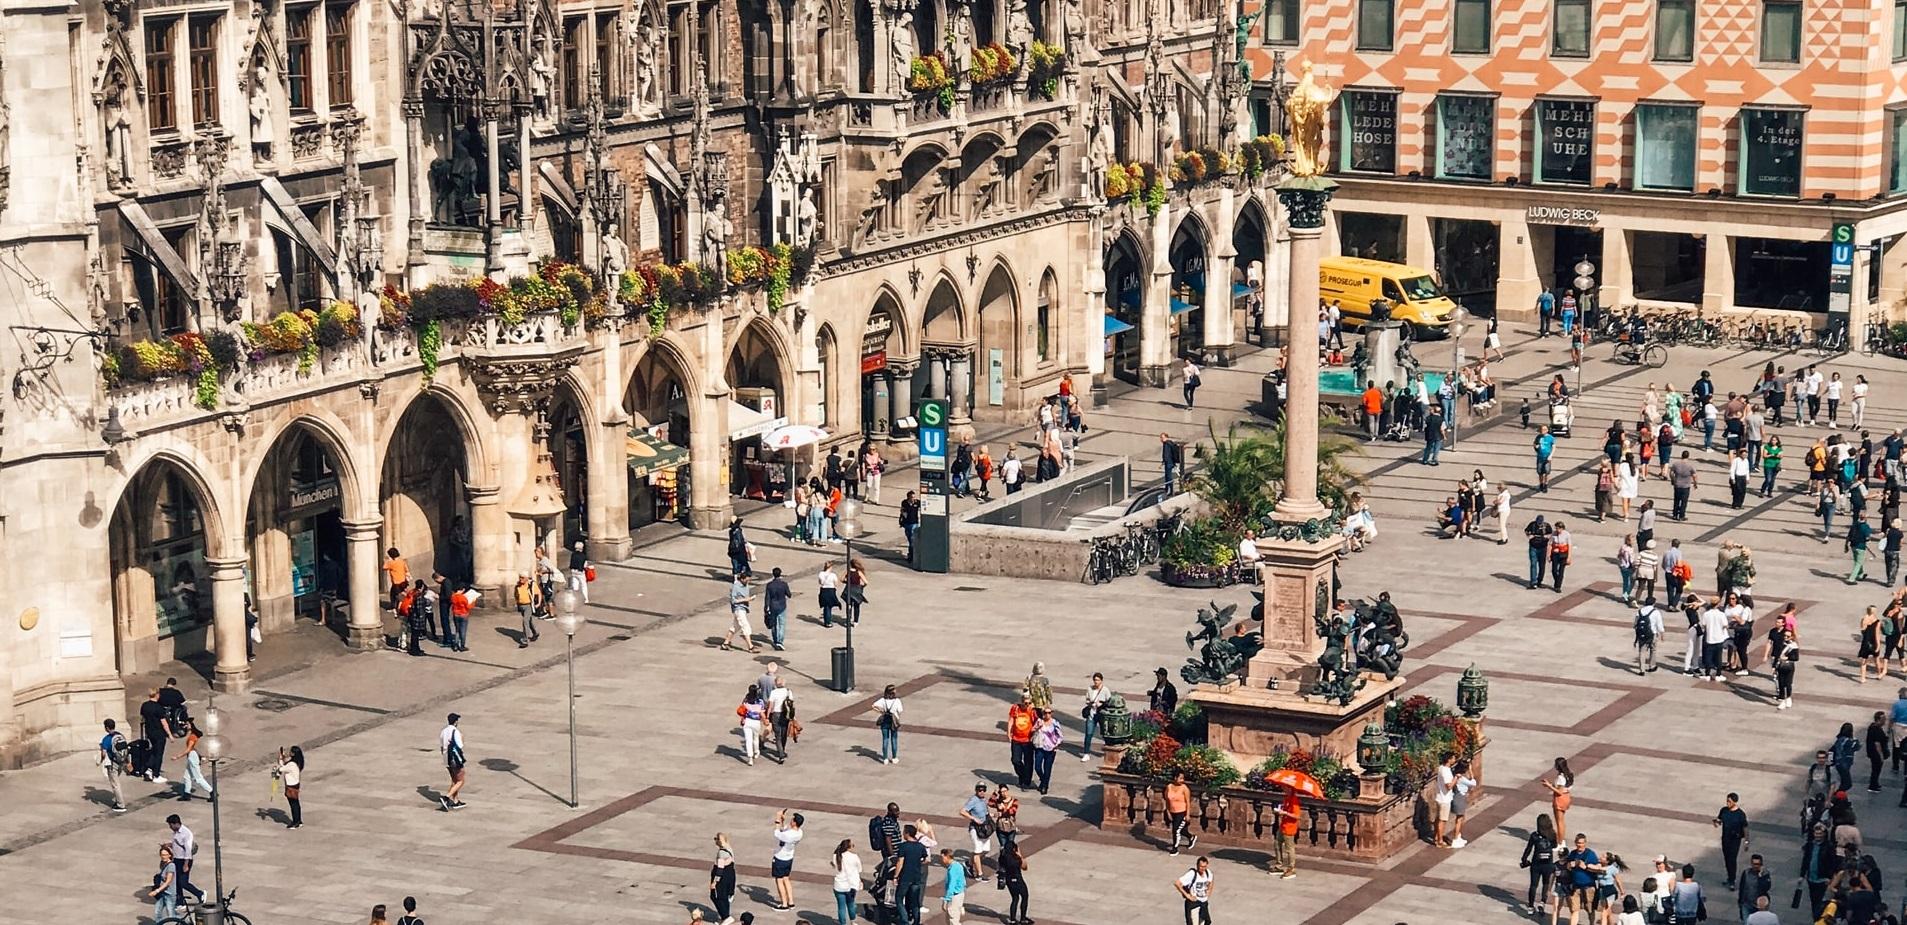 München| Se reintroduc restricțiile. Masca obligatorie pe stradă, întâlniri private de maximum cinci persoane